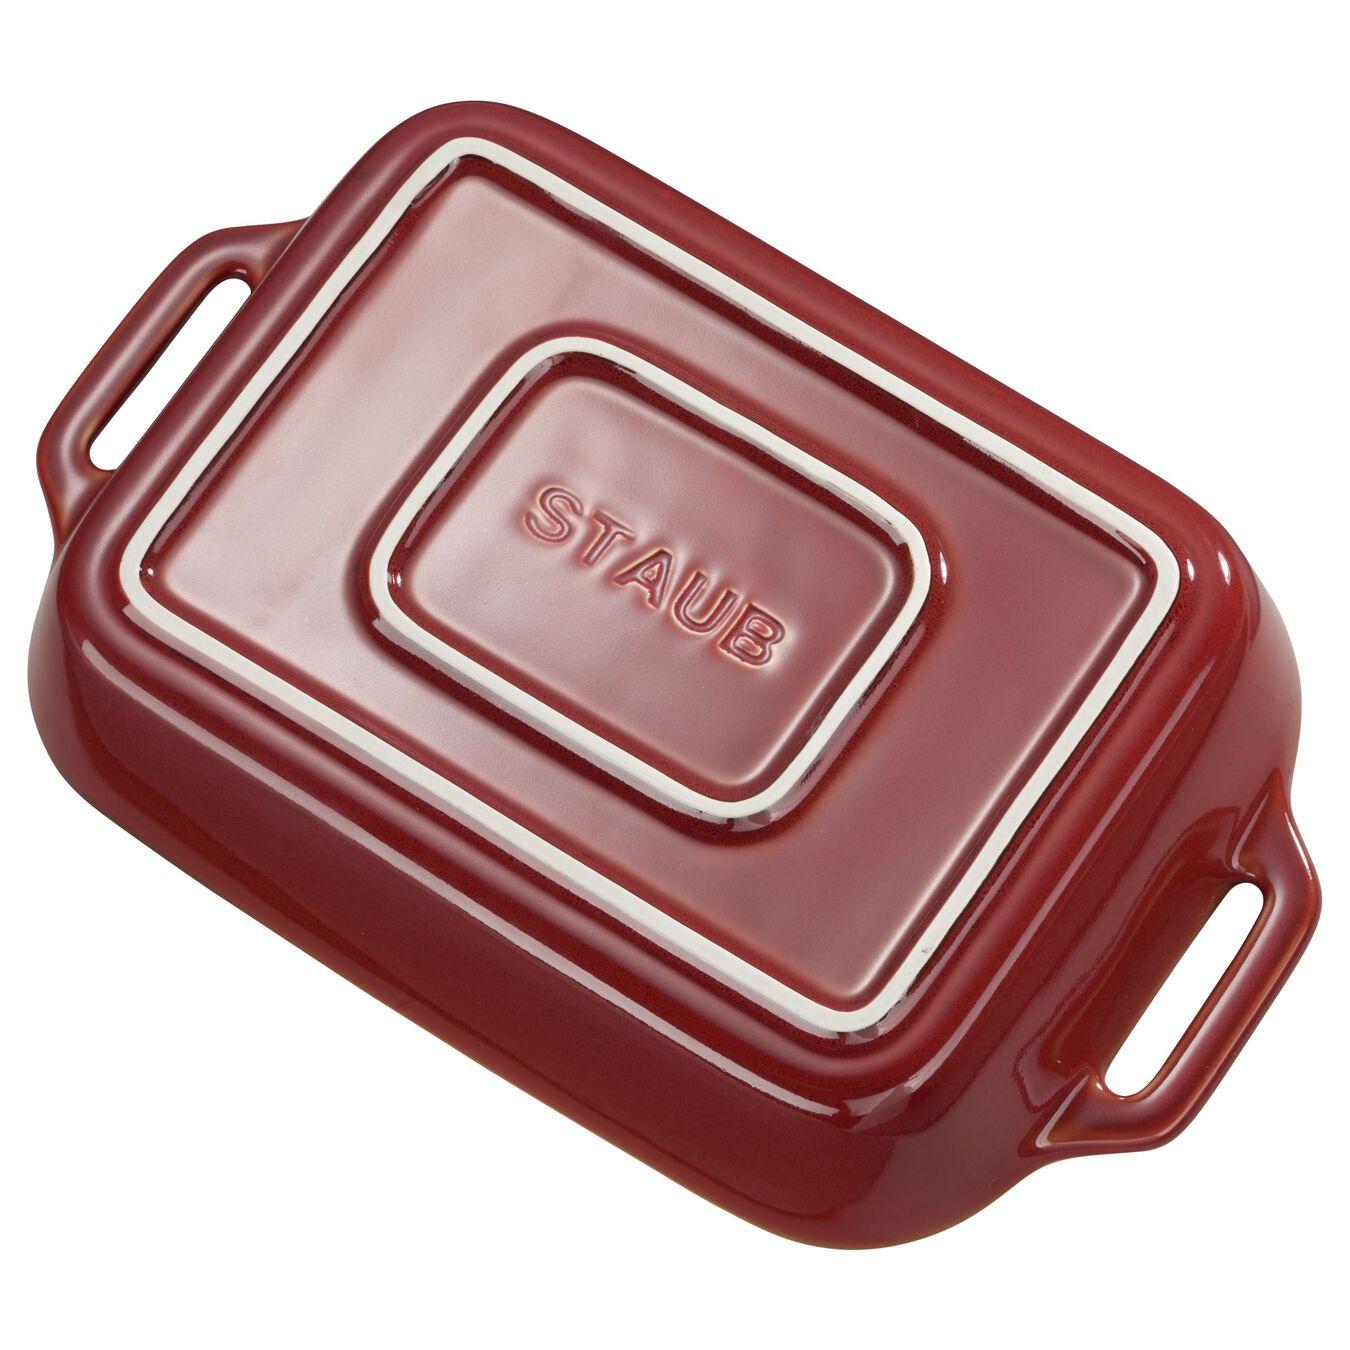 2-pc Rectangular Baking Dish Set - Rustic Red,,large 3